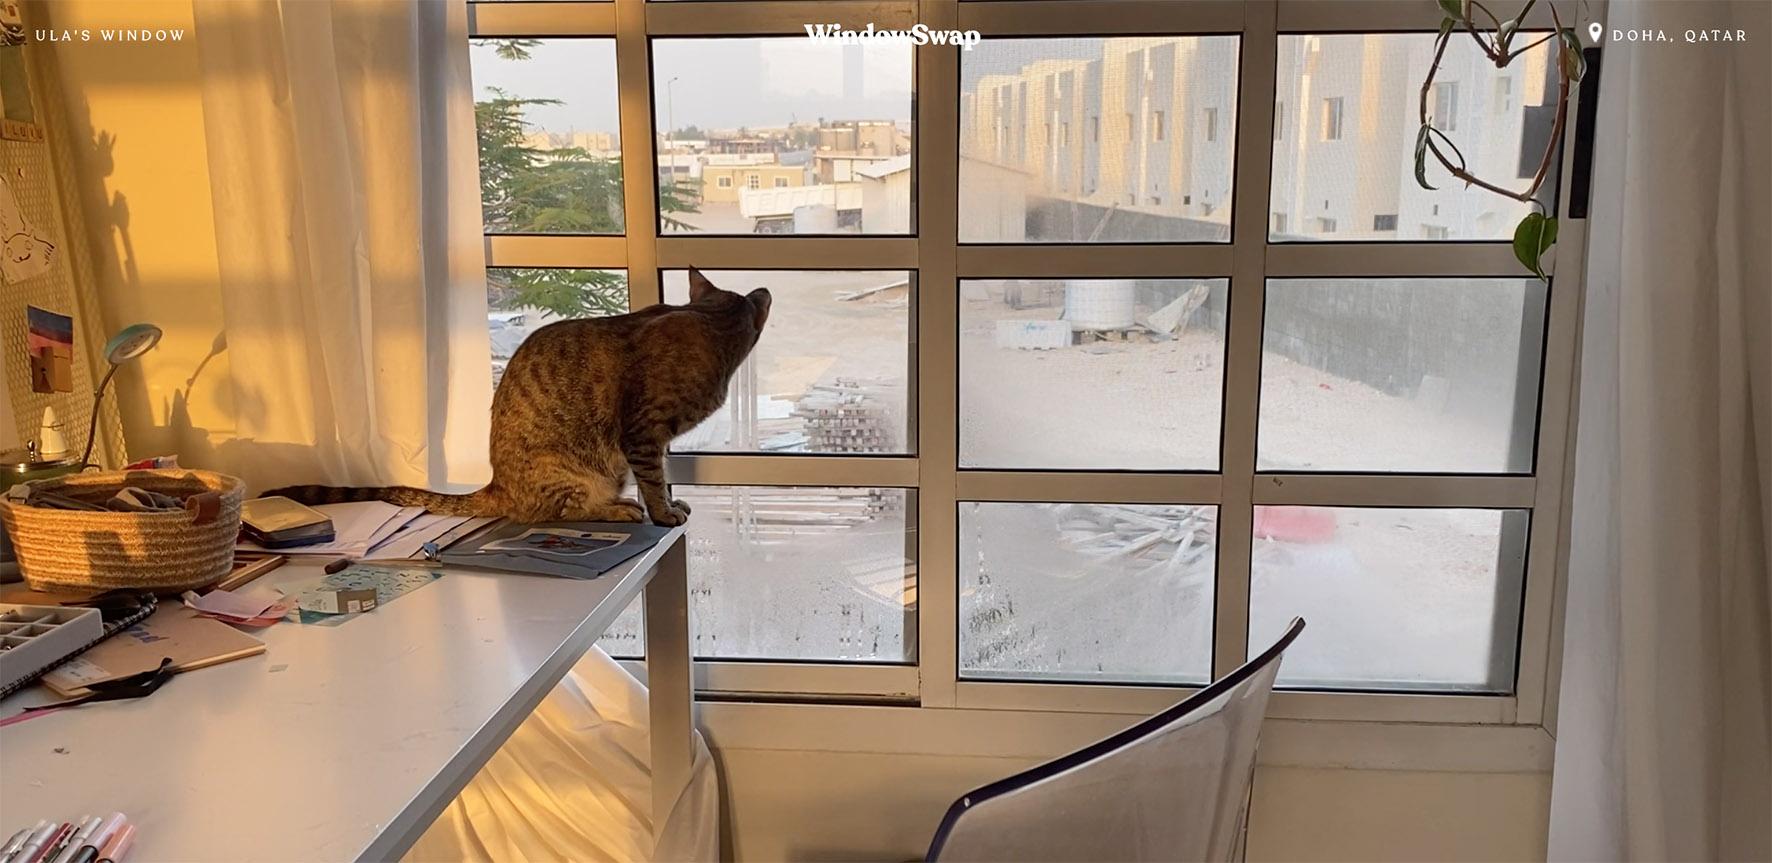 Op deze foto zie je een window in Qatar